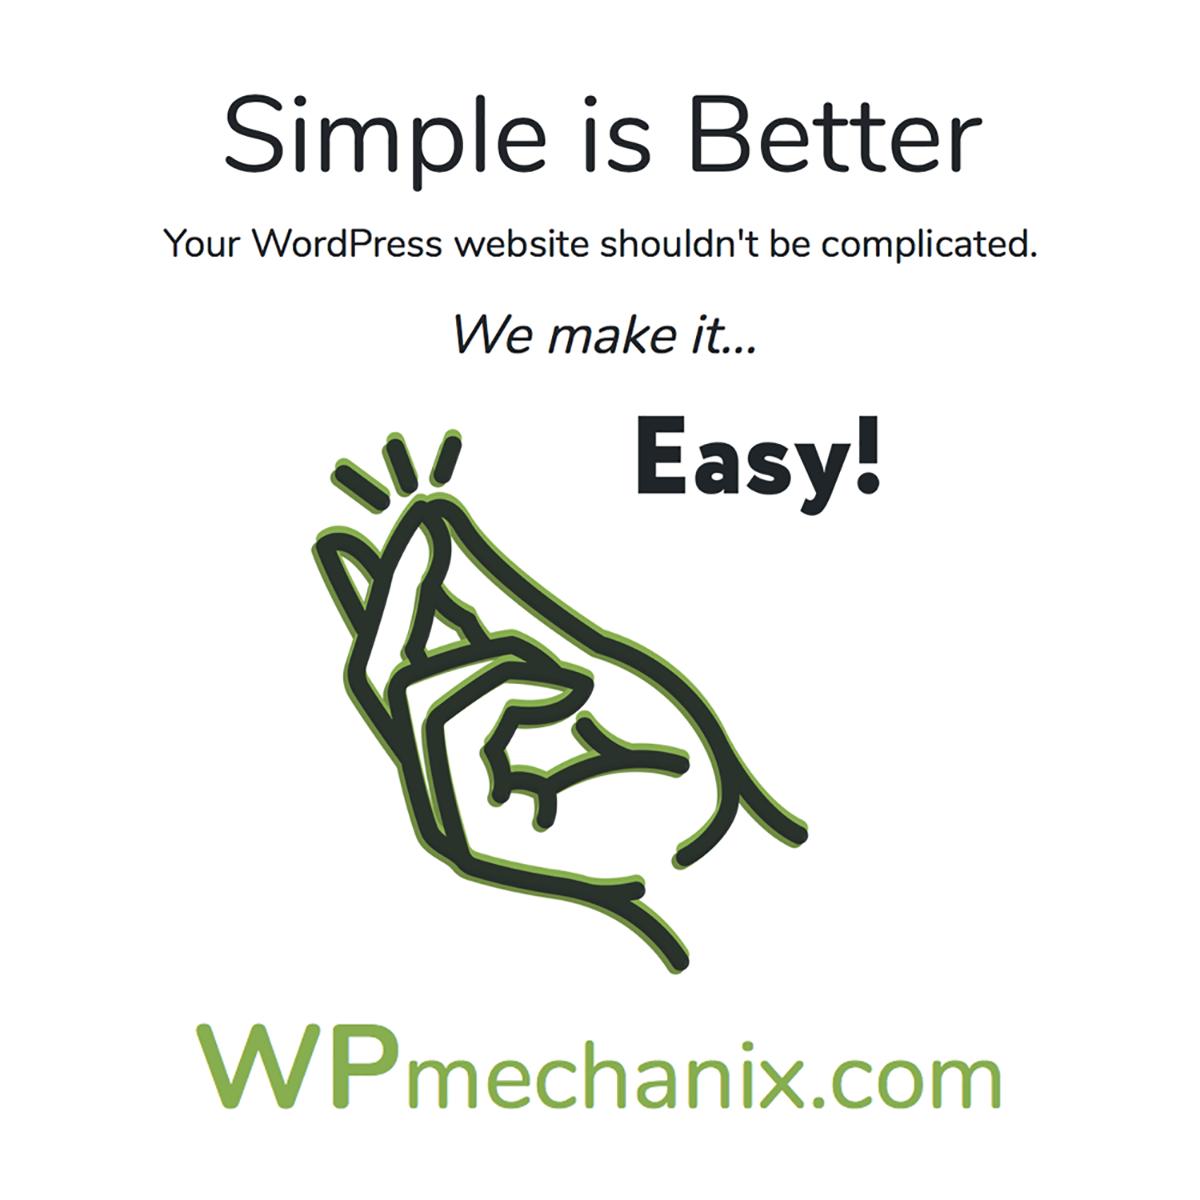 Managed WordPress Services by WPmechanix.com